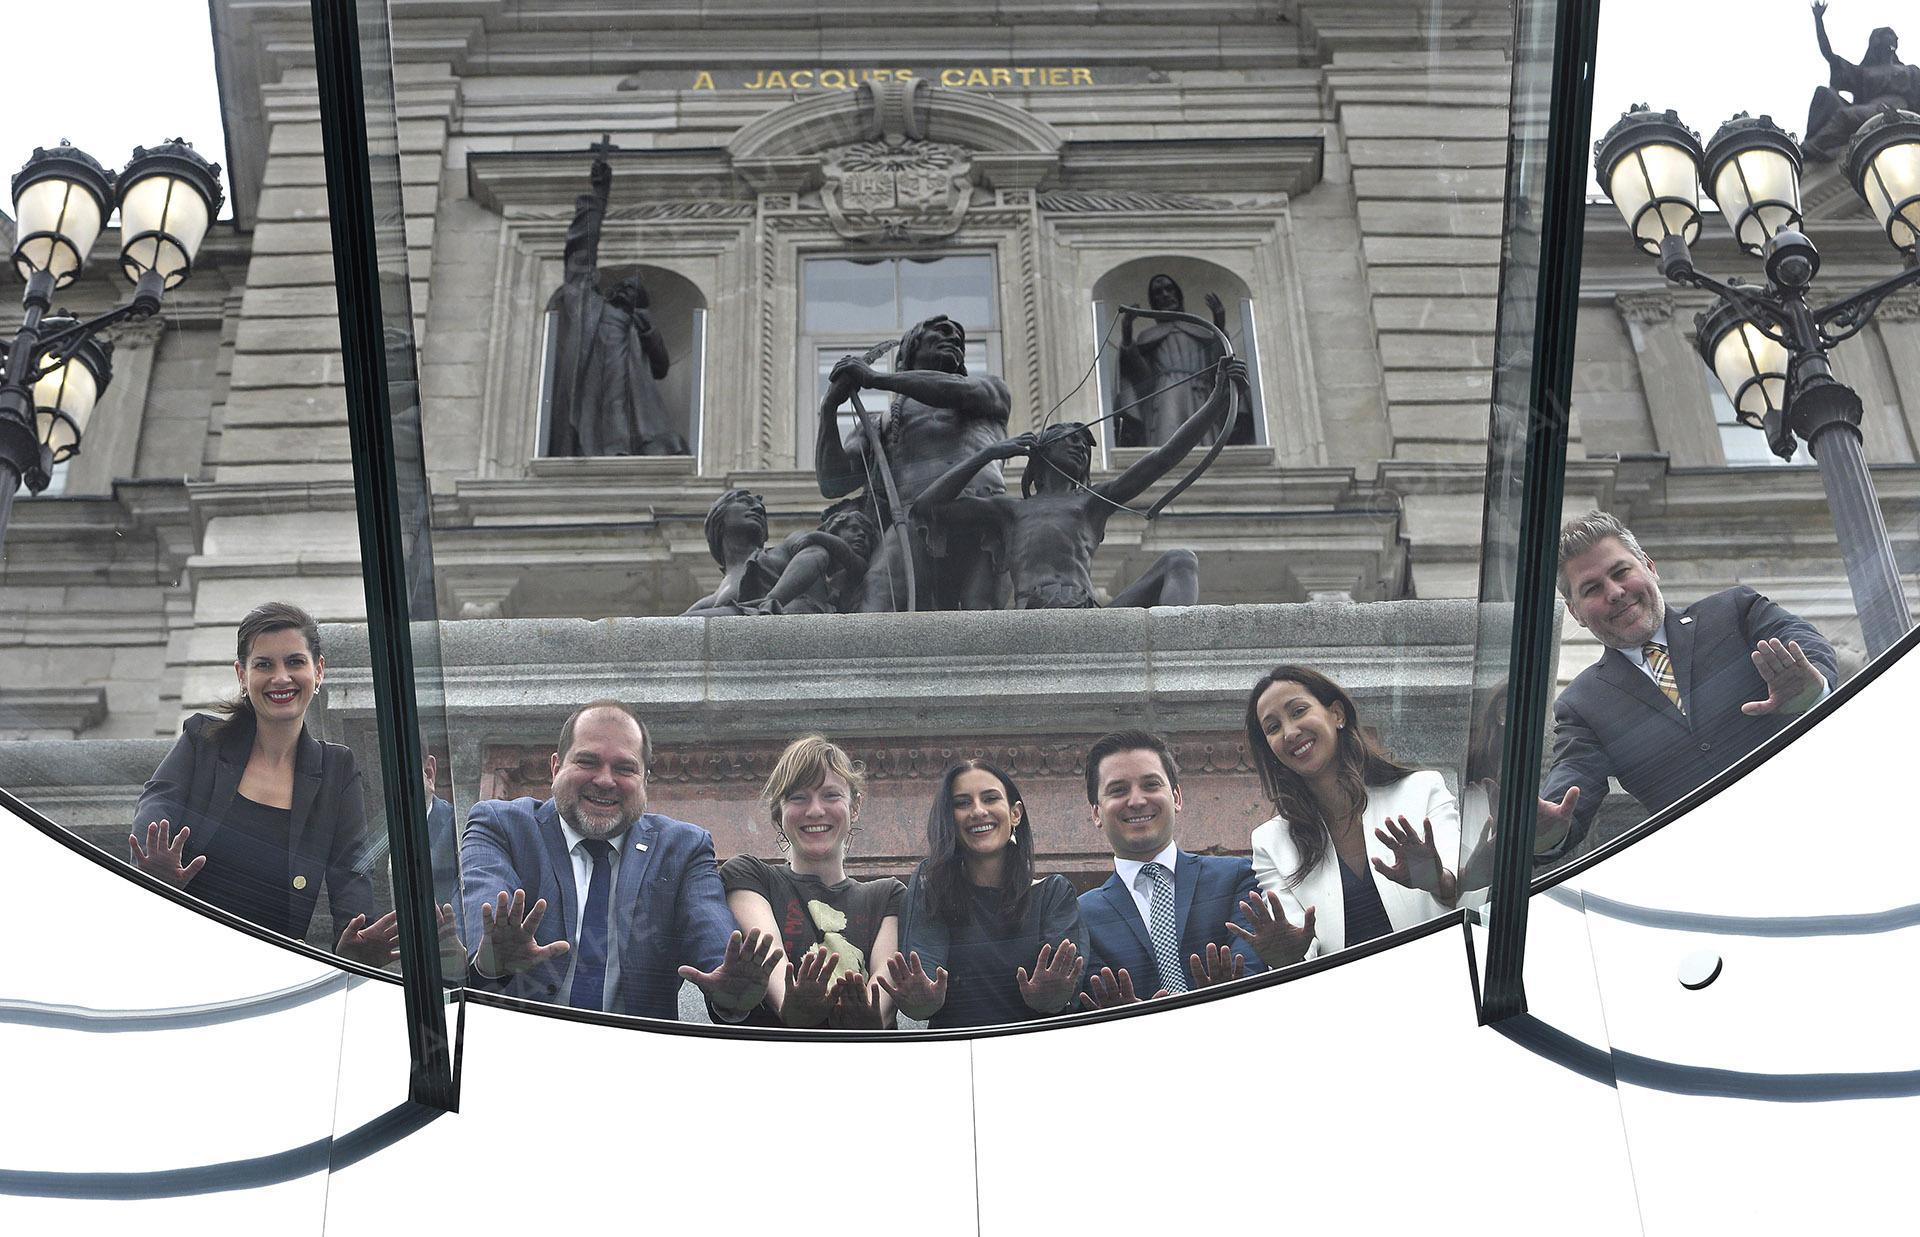 les etoiles de l'assemblee nationale Portrait Geneviève Guilbault (CAQ), Harold LeBel (PQ), Catherine Dorion (QS), Méganne Perry-Melançon (PQ), Simon Jolin-Barrette (CAQ), Marwah Rizqy (PLQ) et Pascal Bérubé (PQ)